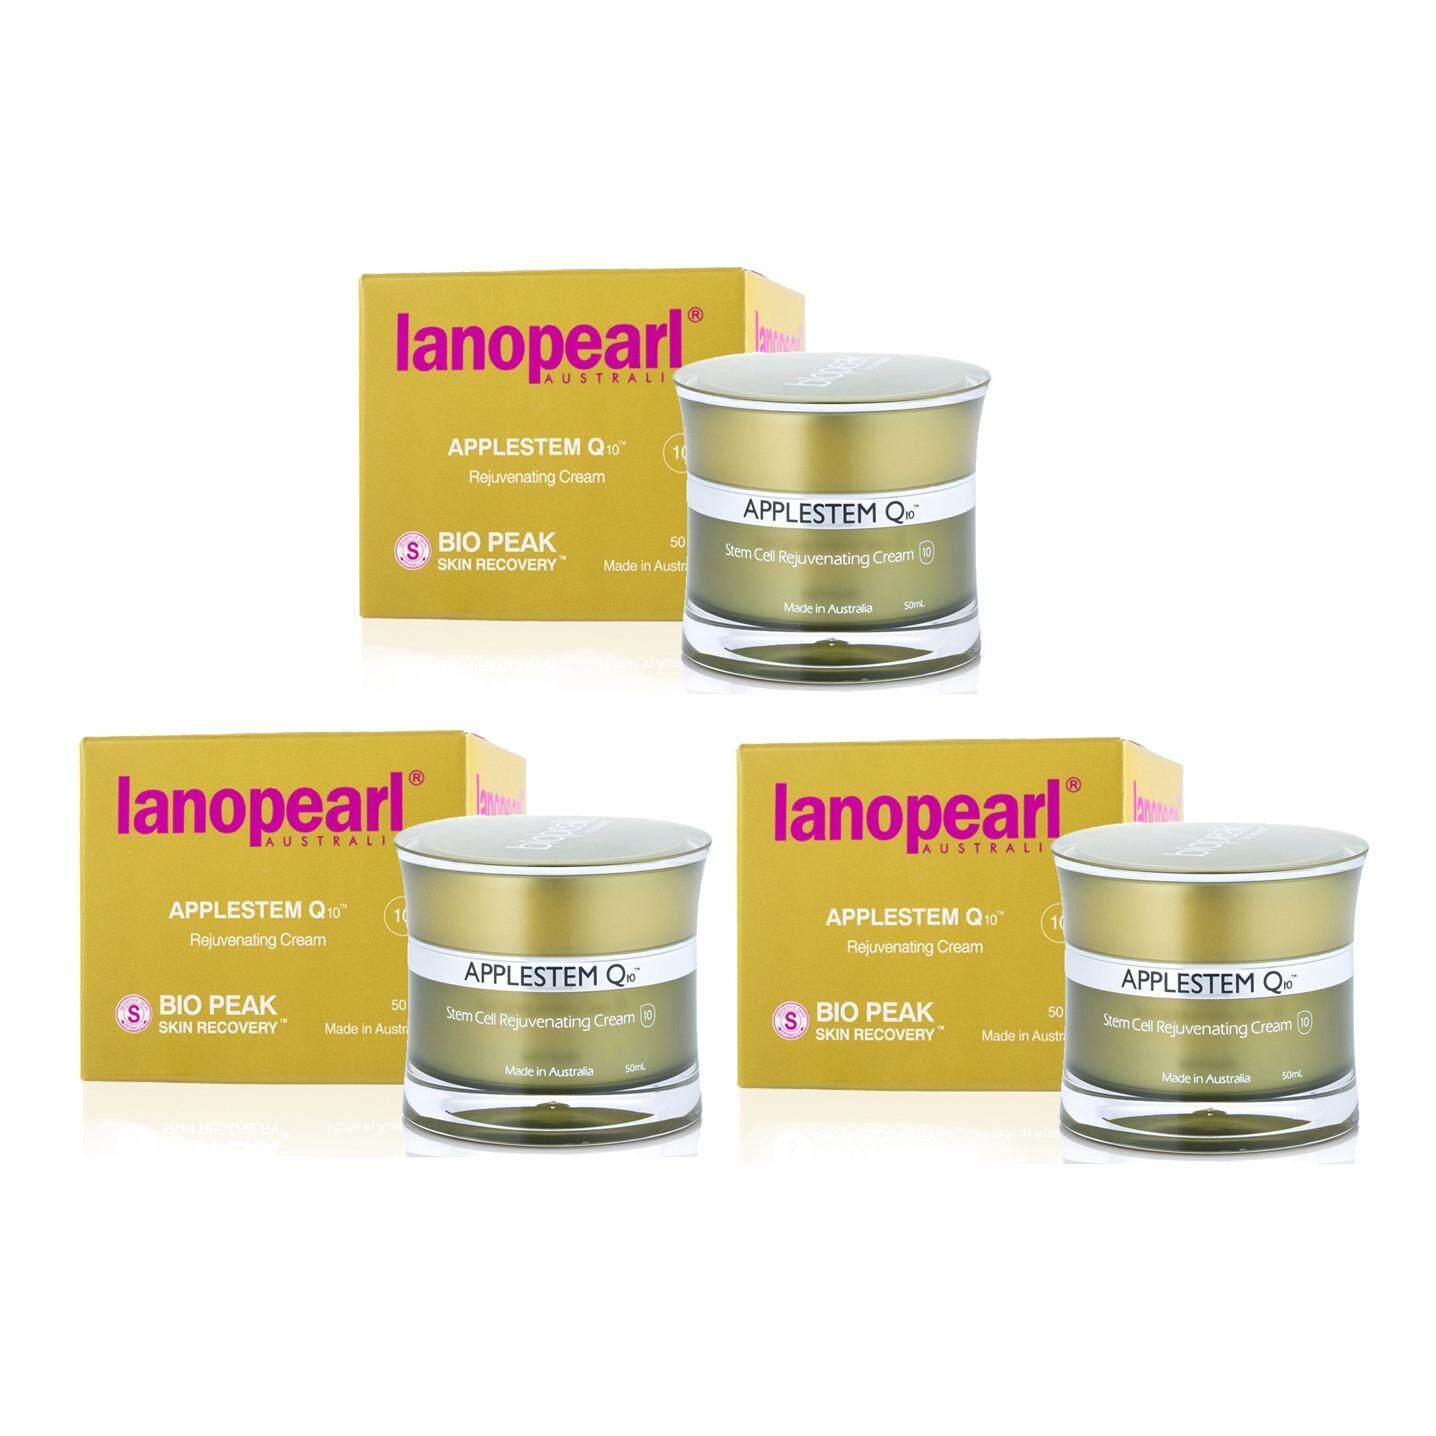 ขาย Lanopearl Applestem Q10 Rejuvenating Cream 50 Ml ครีมแอปเปิ้ล เสมือนเลเซอร์ผิว 3 กระปุก ใน ไทย